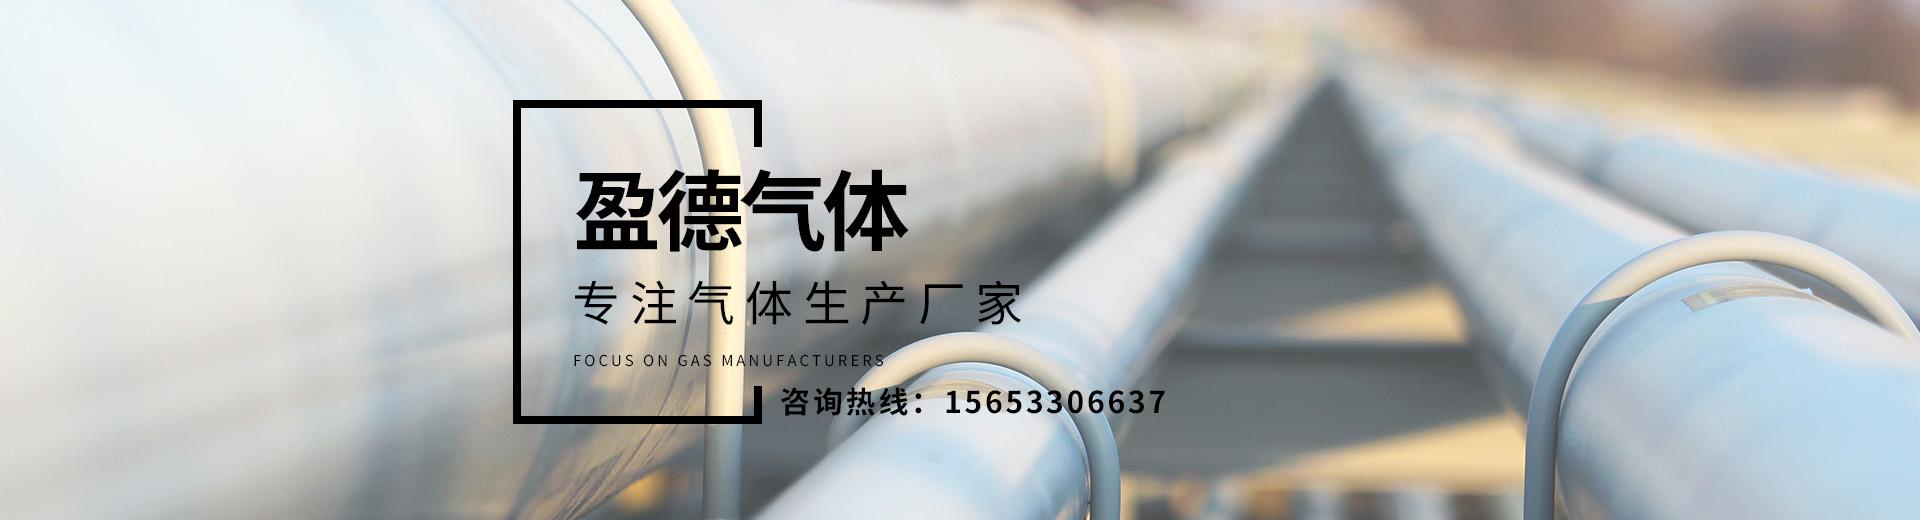 淄博盈德气体有限公司